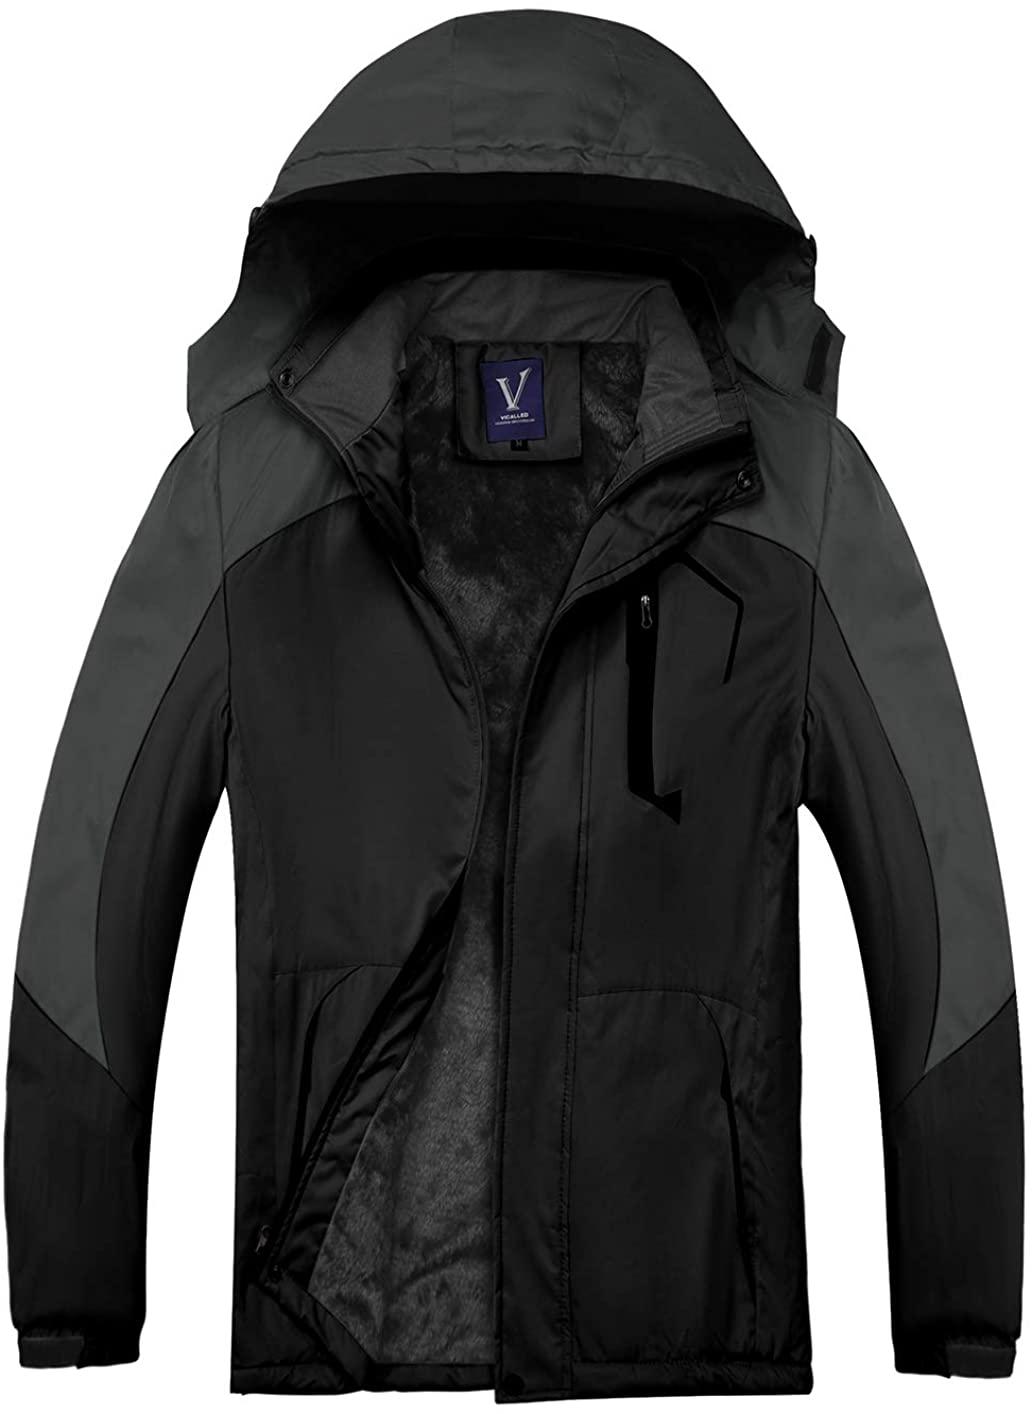 VICALLED Men's Outdoor Mountain Ski Jacket Snow Waterproof Fleece Windproof Skiing Rain Jackets Winter Hooded Coat